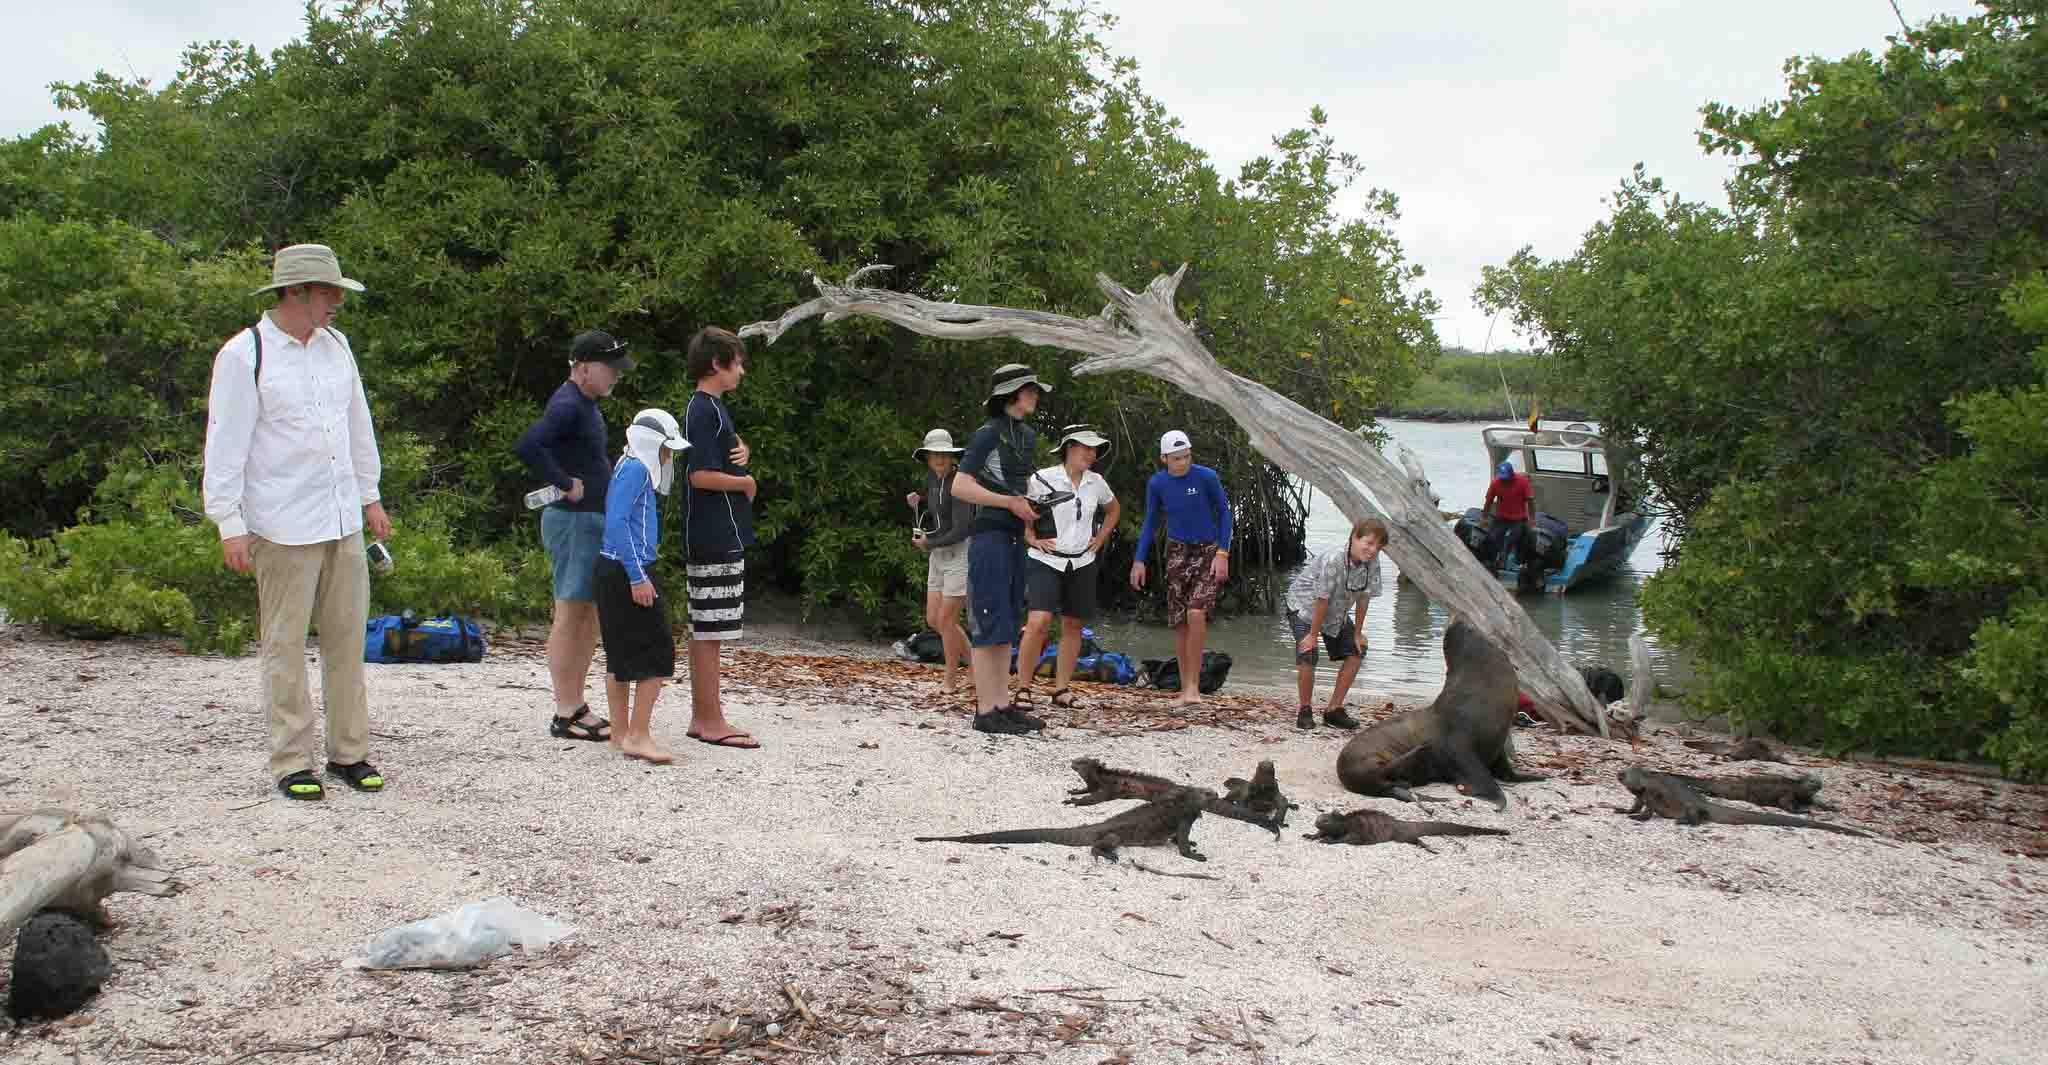 Galapagoss tourists